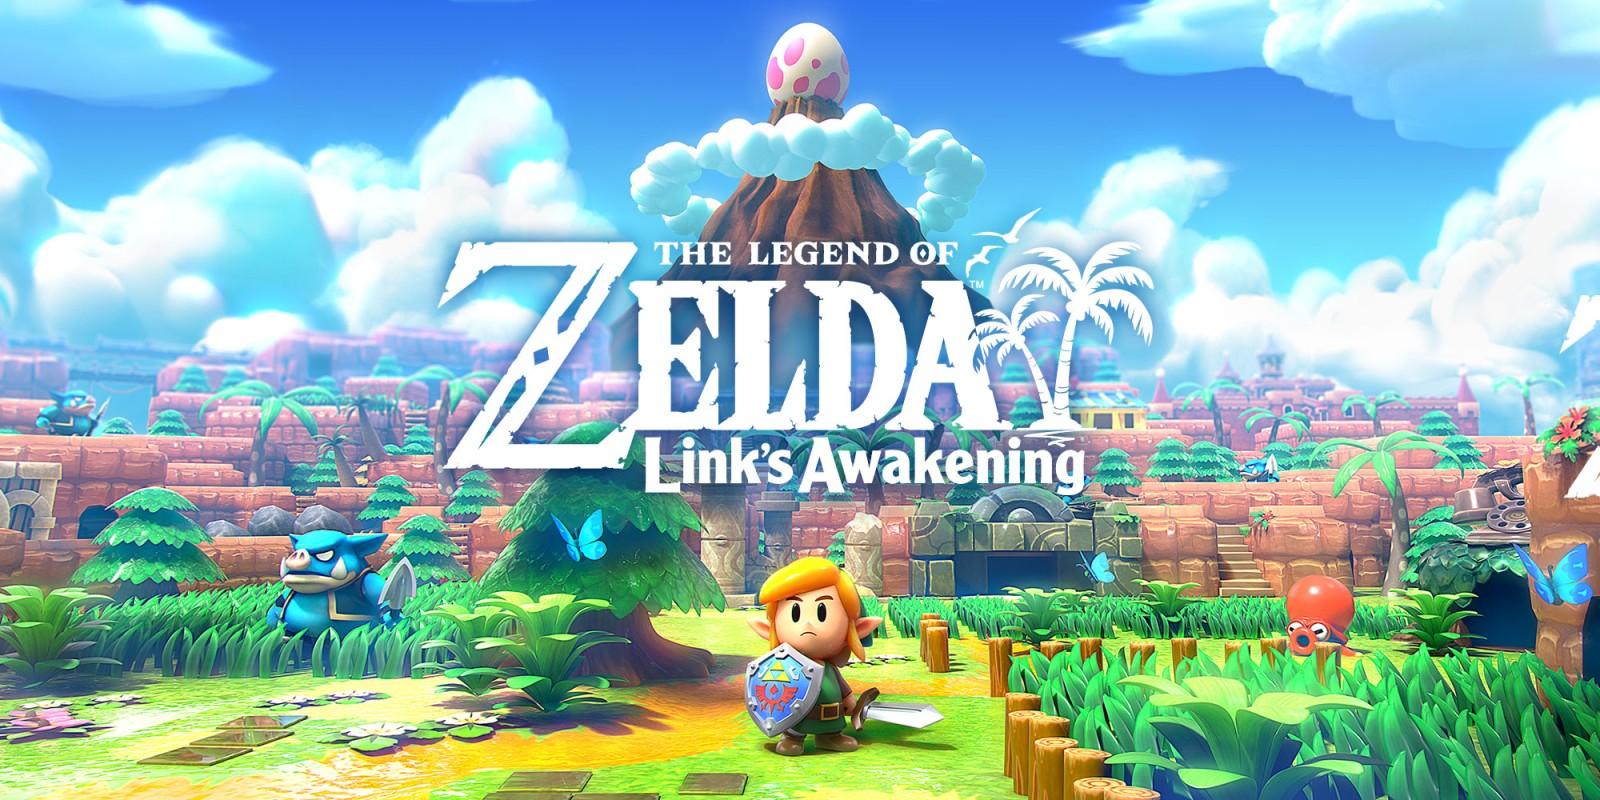 Jeux vidéo en France : FIFA, Ghost Recon, The Legend of Zelda… un classement varié !